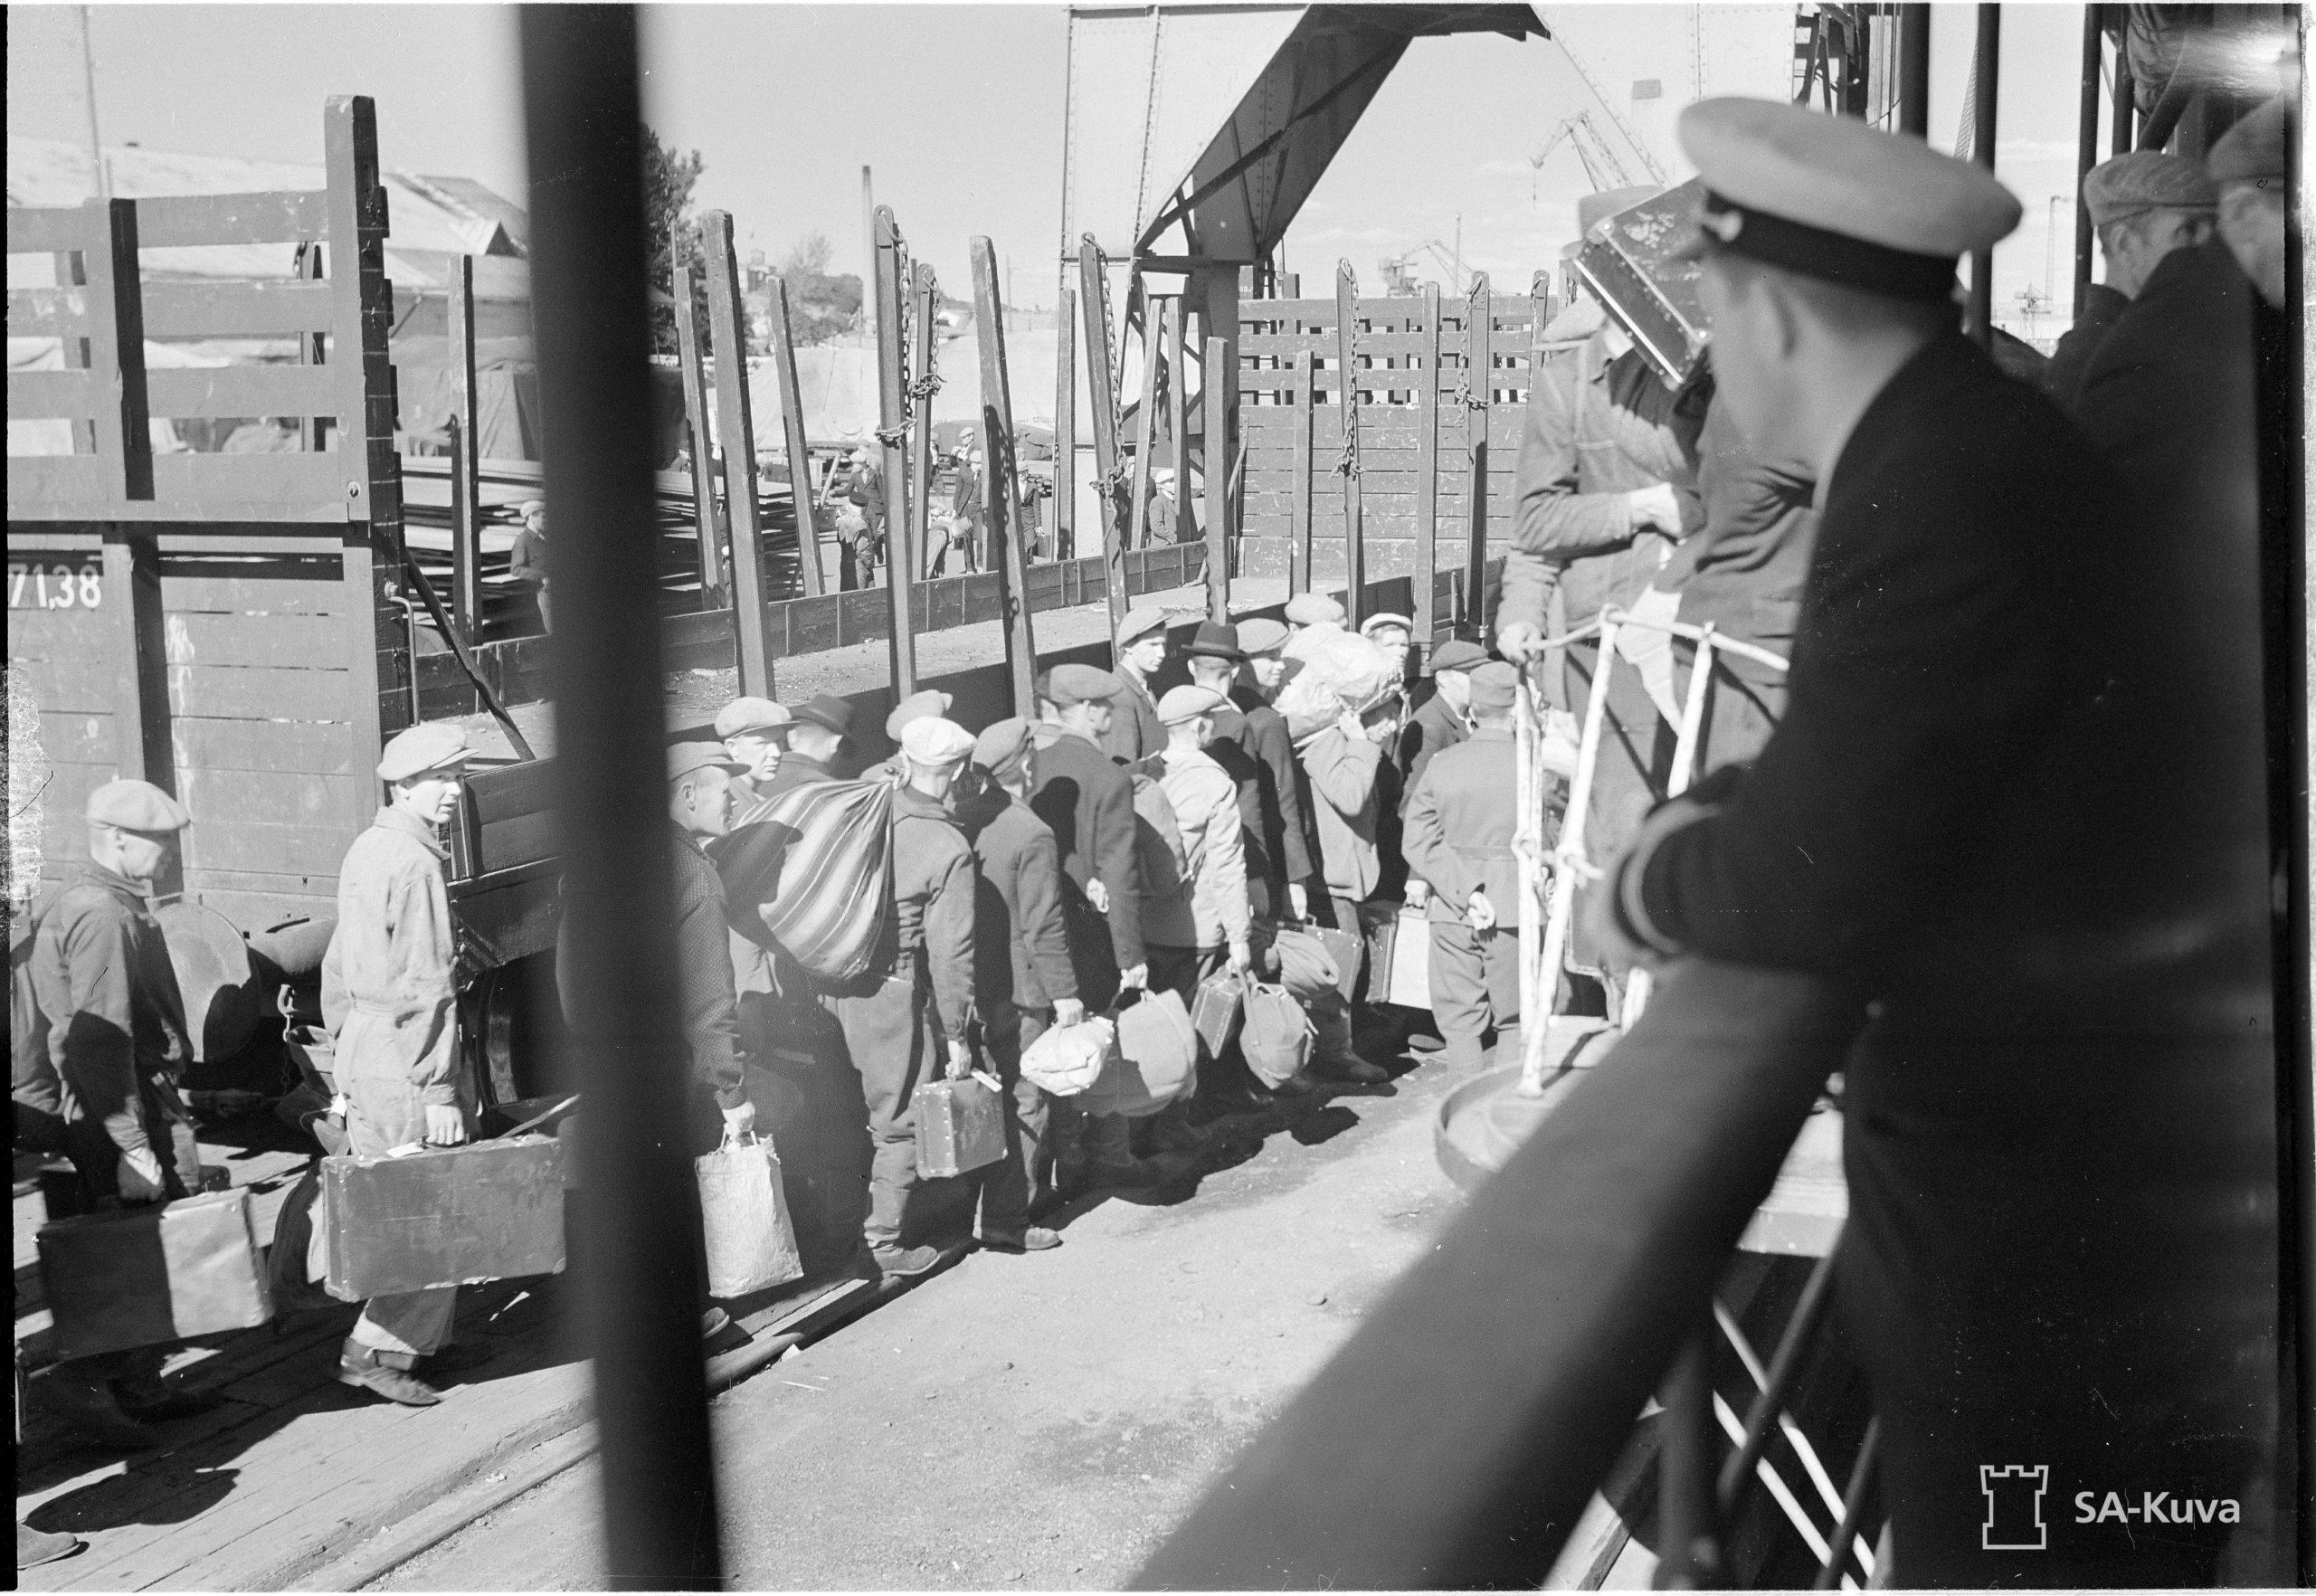 Linnoitustyöläisiä lähdössä Ahvenanmaalle 24.6.1941. Kuva: Gunnari. SA-kuva.